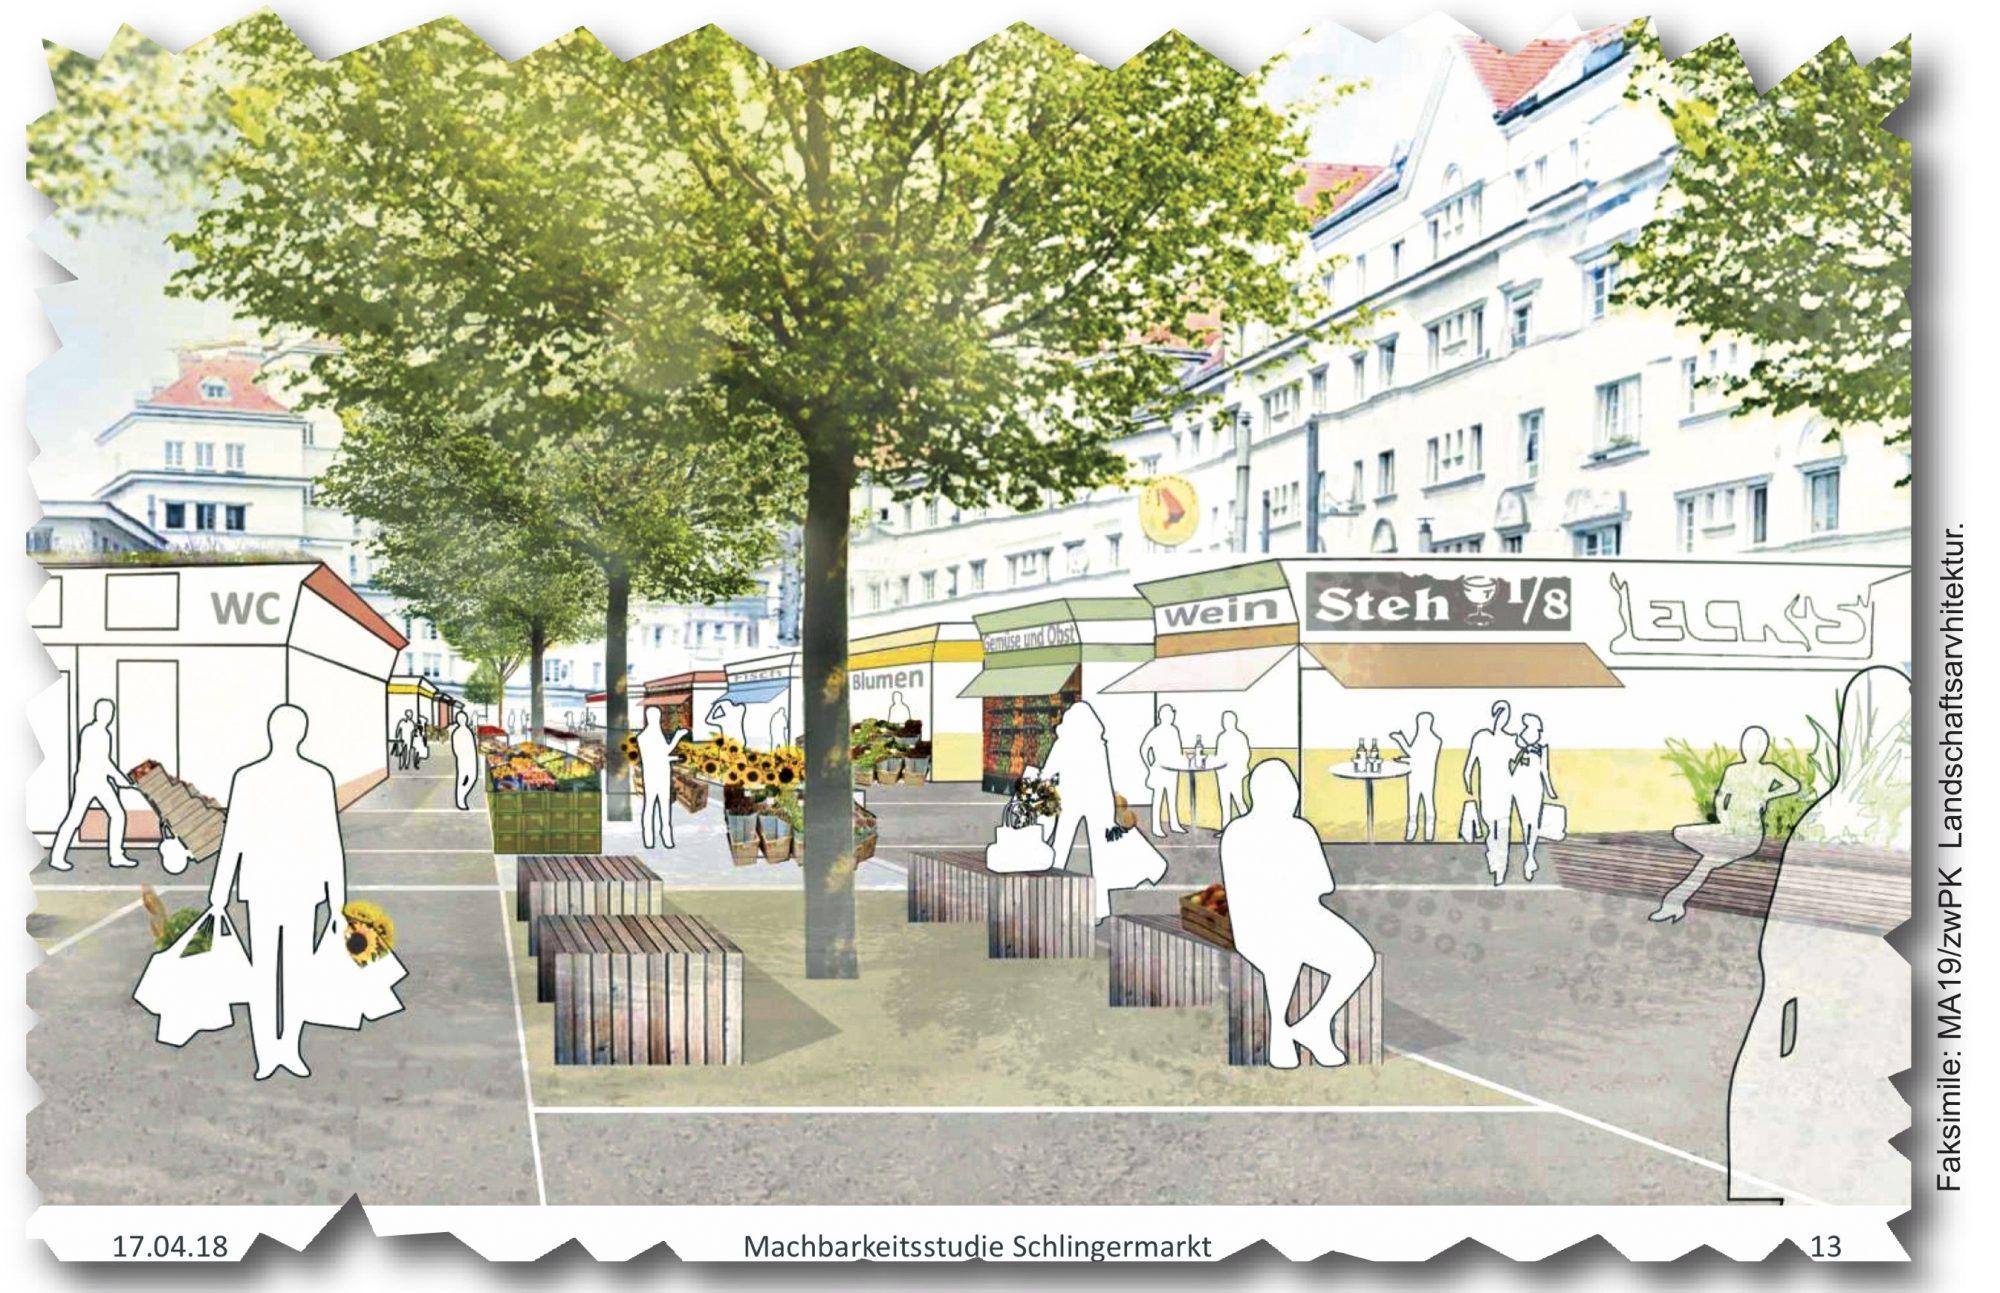 Entwurf für einen Neuen Schlingermarkt ohne mittlere Marktreihe. . Bild: ZwoPK.